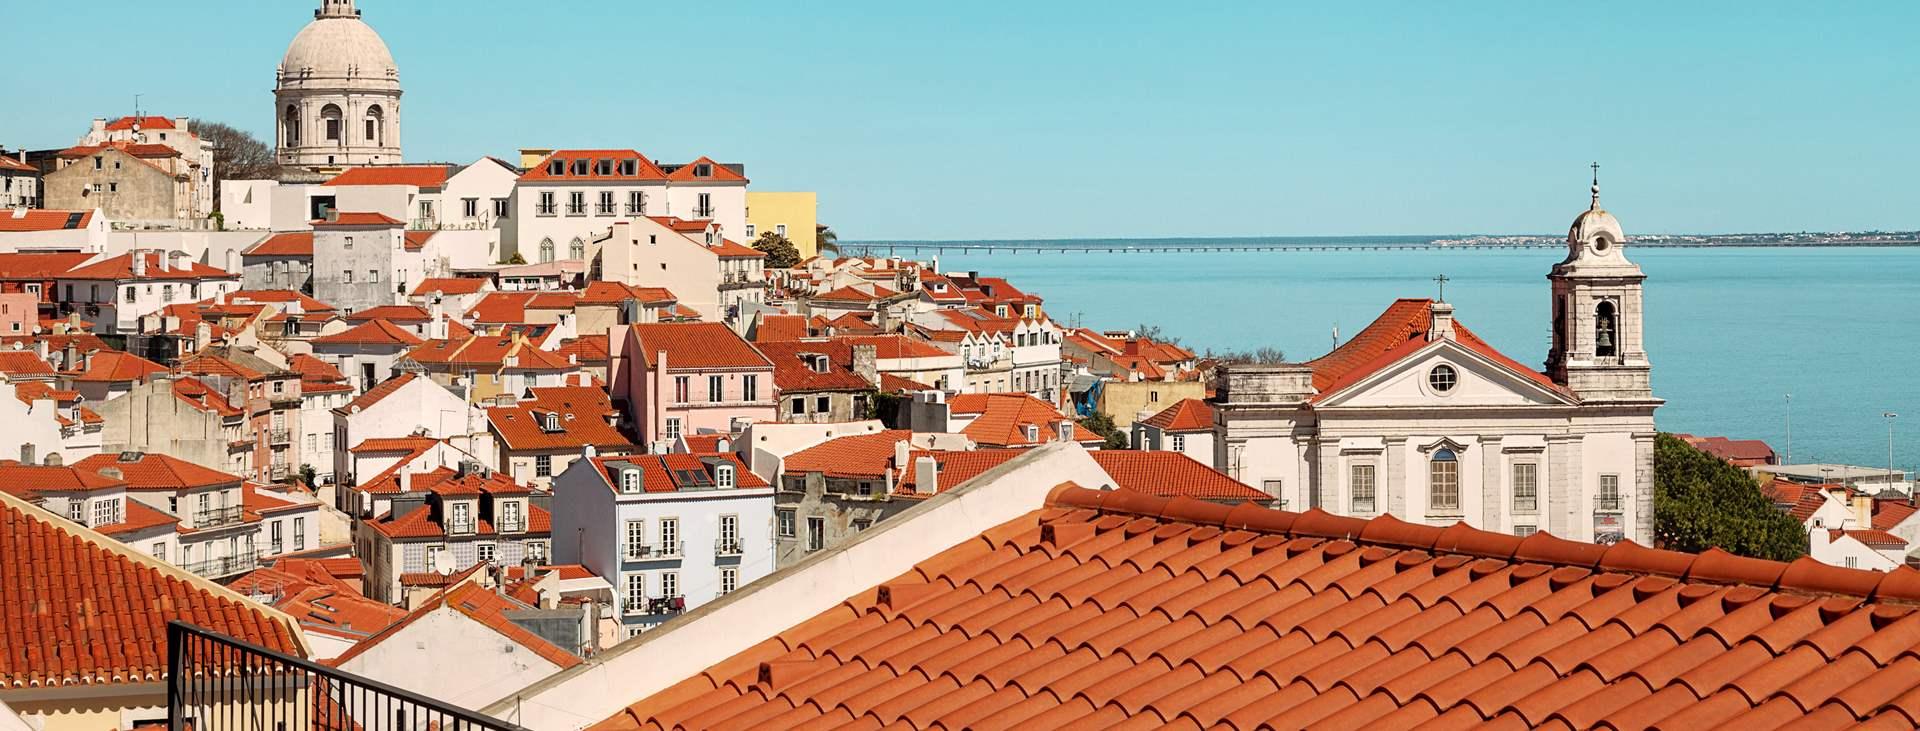 Bestill en reise med Ving til Lisboa i Portugal